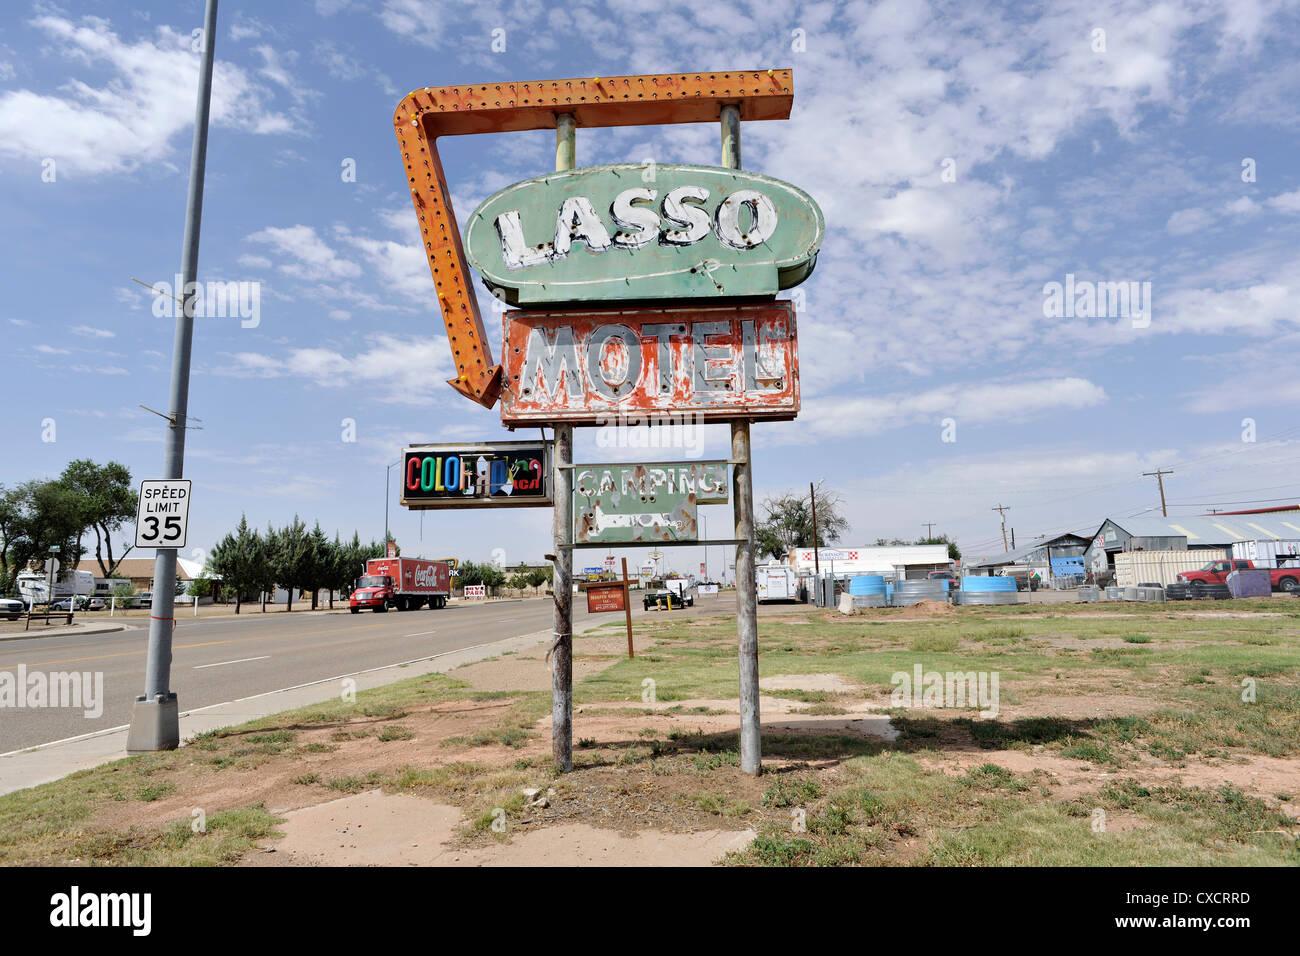 Lasso Motel Derelict Neon Sign, Route 66, Tucumcari New Mexico - Stock Image